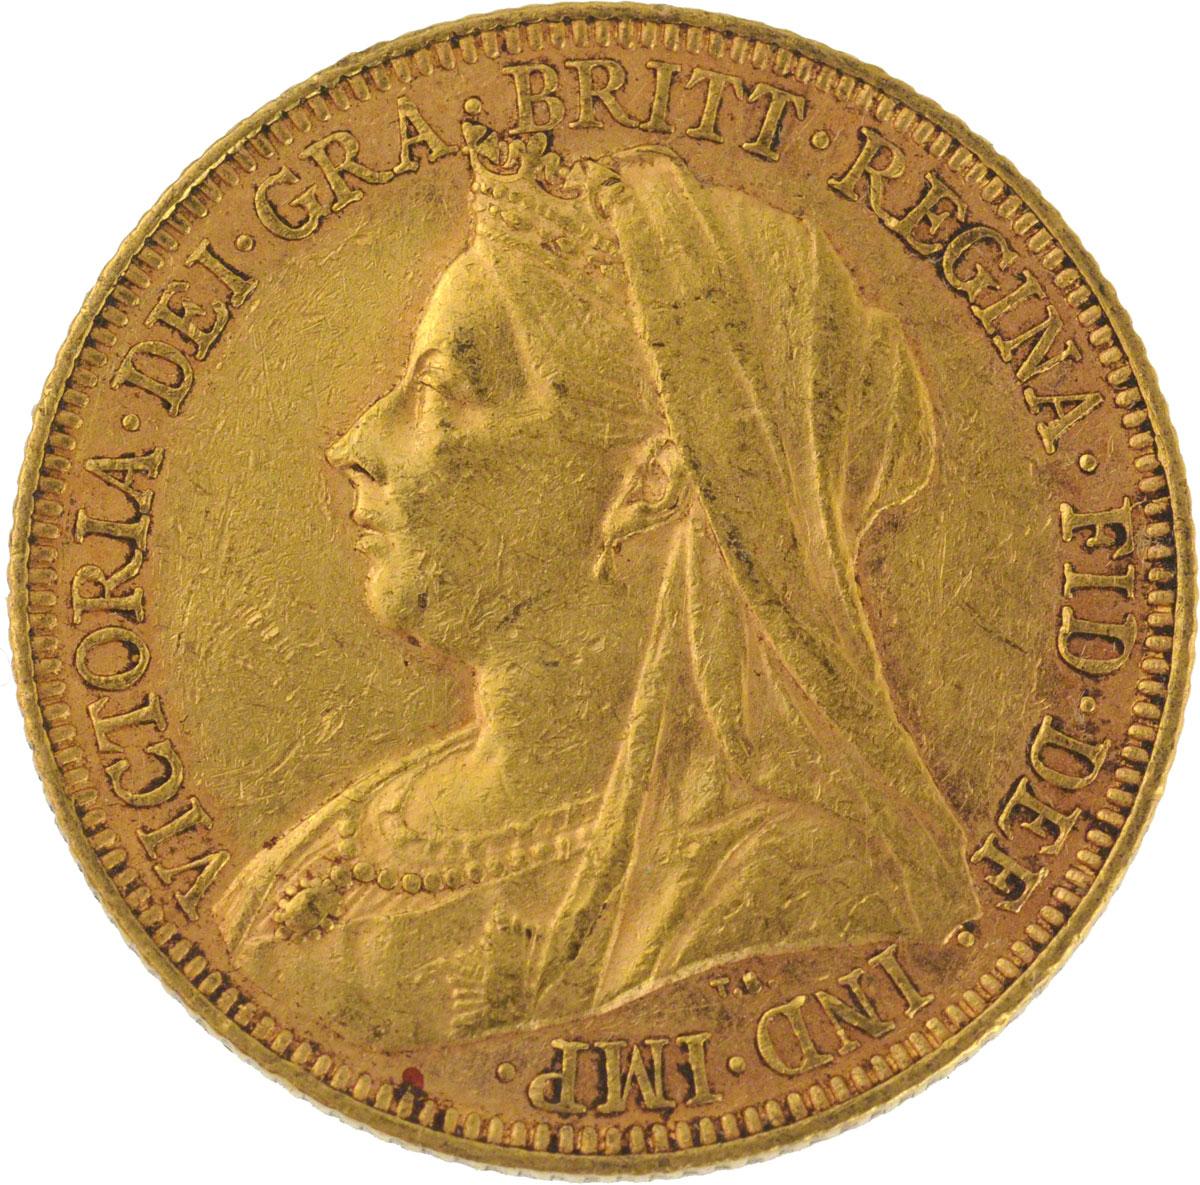 1897 Βικτώρια (Νομισματοκοπείο Μελβούρνης)